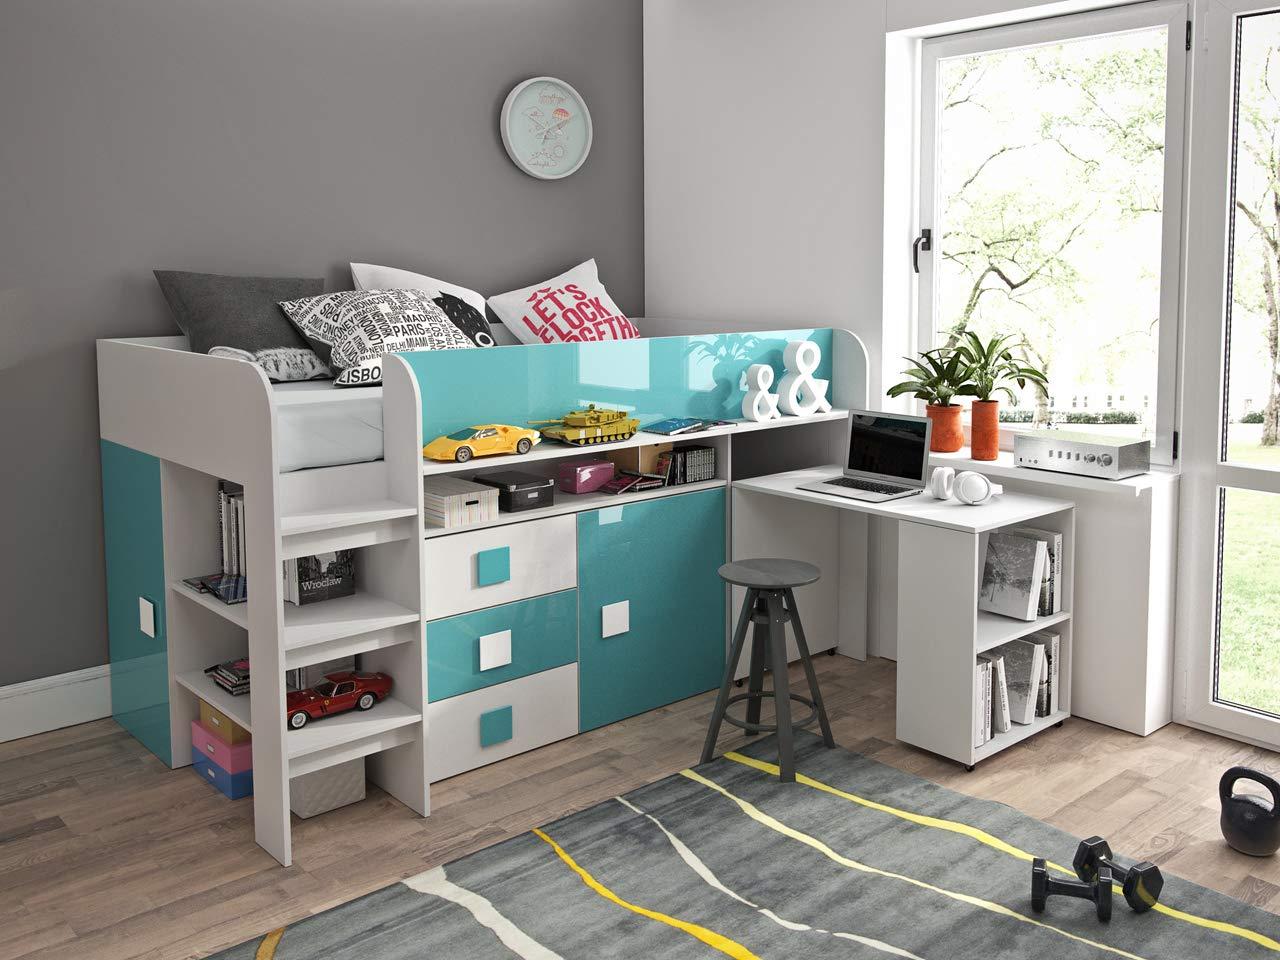 Etagenbett für Kinder TOLEDO 1 Stockbett mit Treppe und Bettkasten KRYSPOL (Weißszlig; + Türkisglanz) Weiß + Türkisglanz